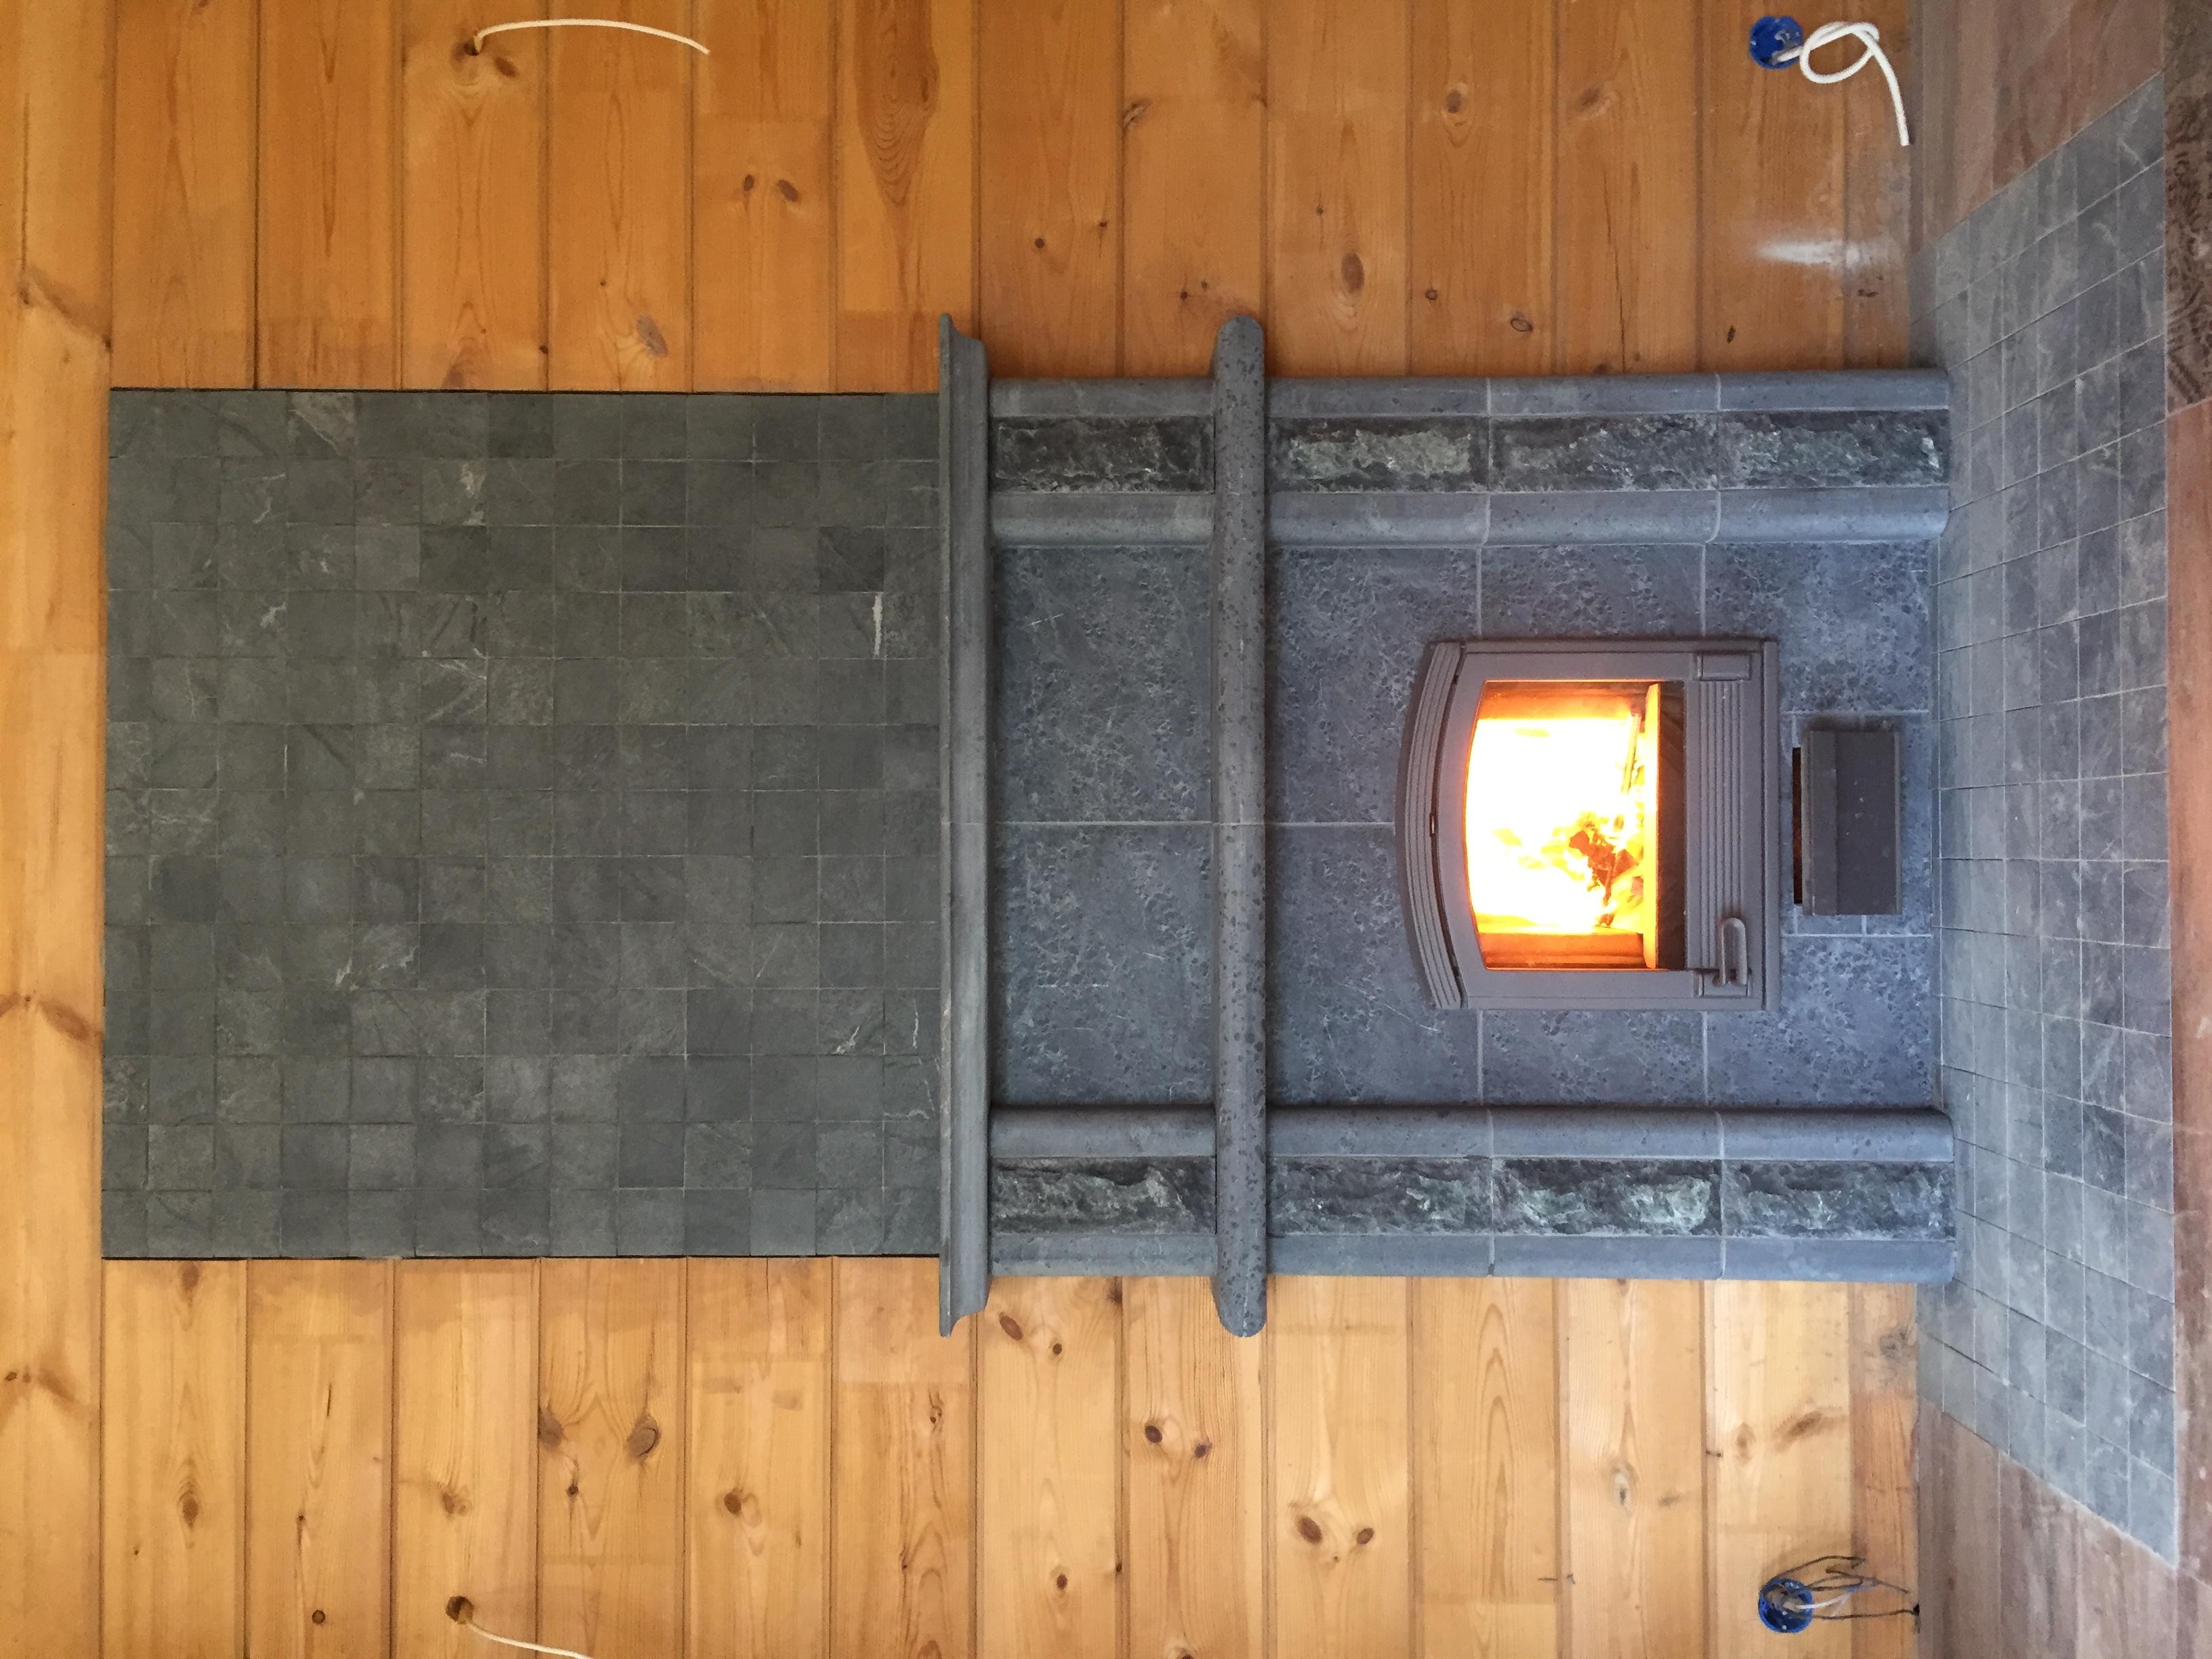 Банная печь камин: печи для бани каминного типа с каменной топкой, дровяные с большим стеклом